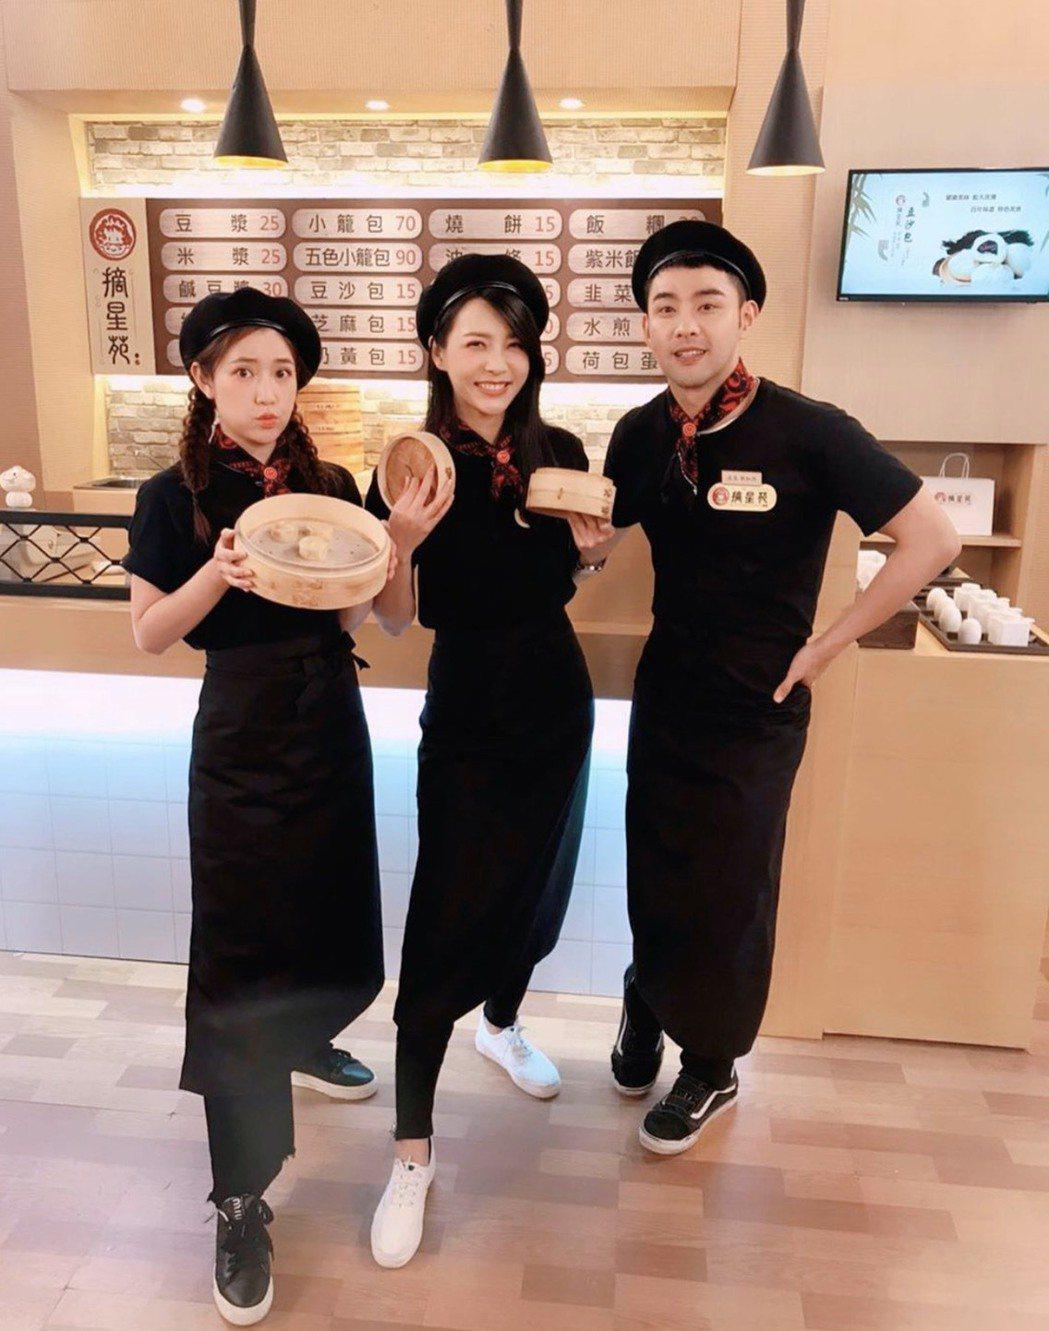 潘柏希(右起)、何蓓蓓、郭亞棠在「多情城市」戲中開了一家點心店。圖/翻攝IG